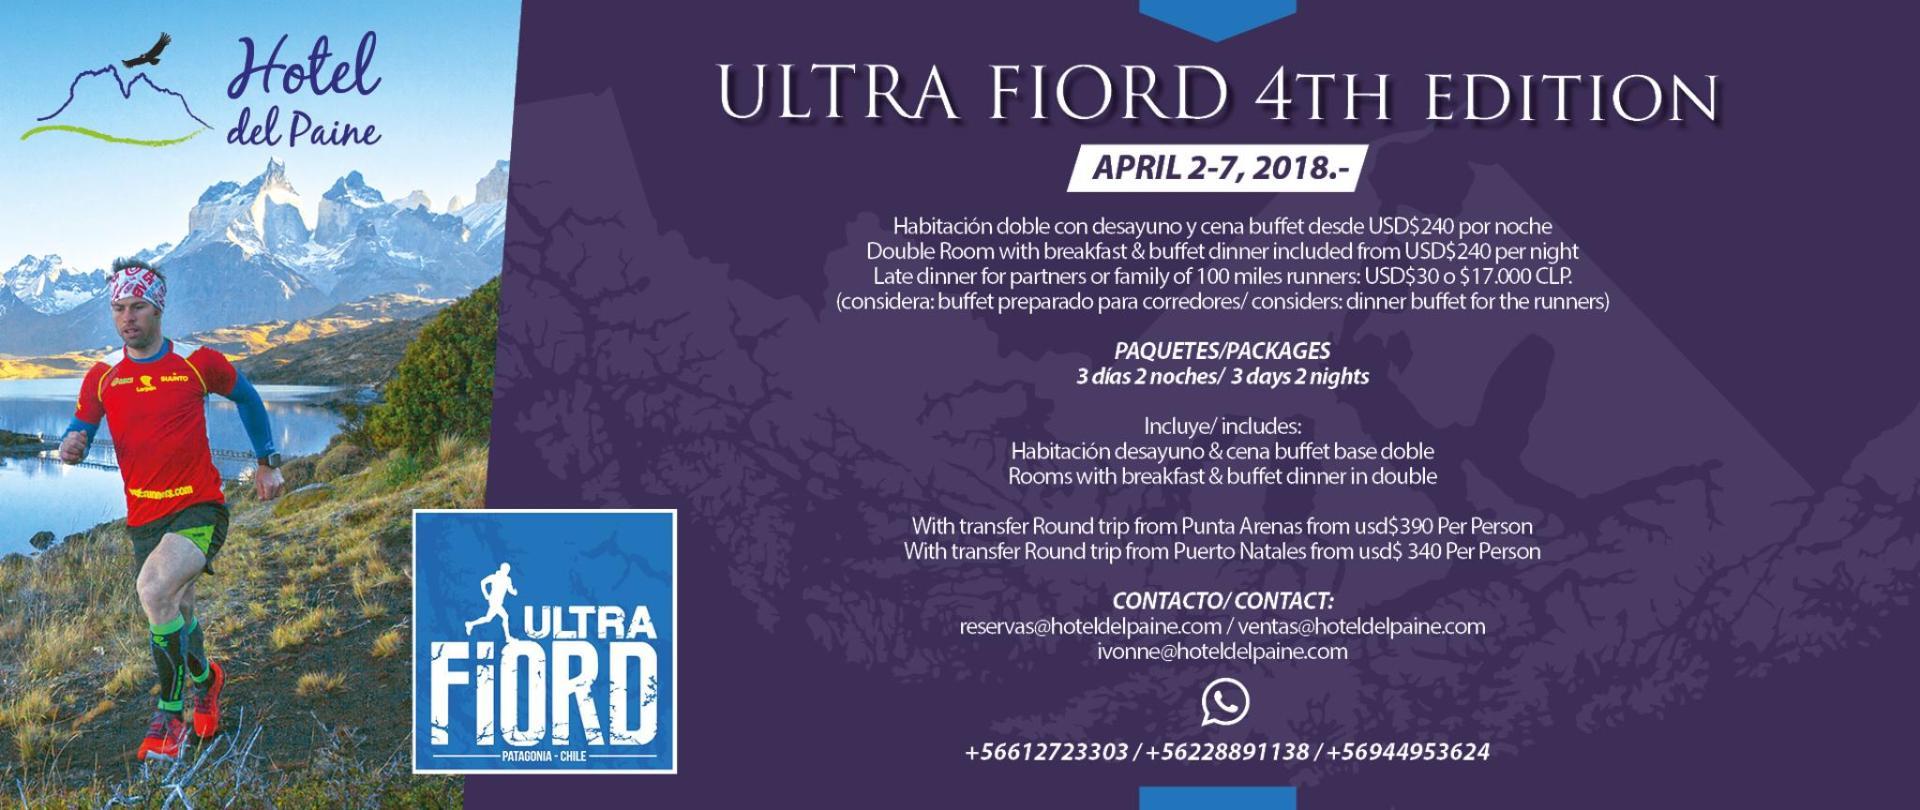 Promo bericht ULTRAFIORD voor web.jpg